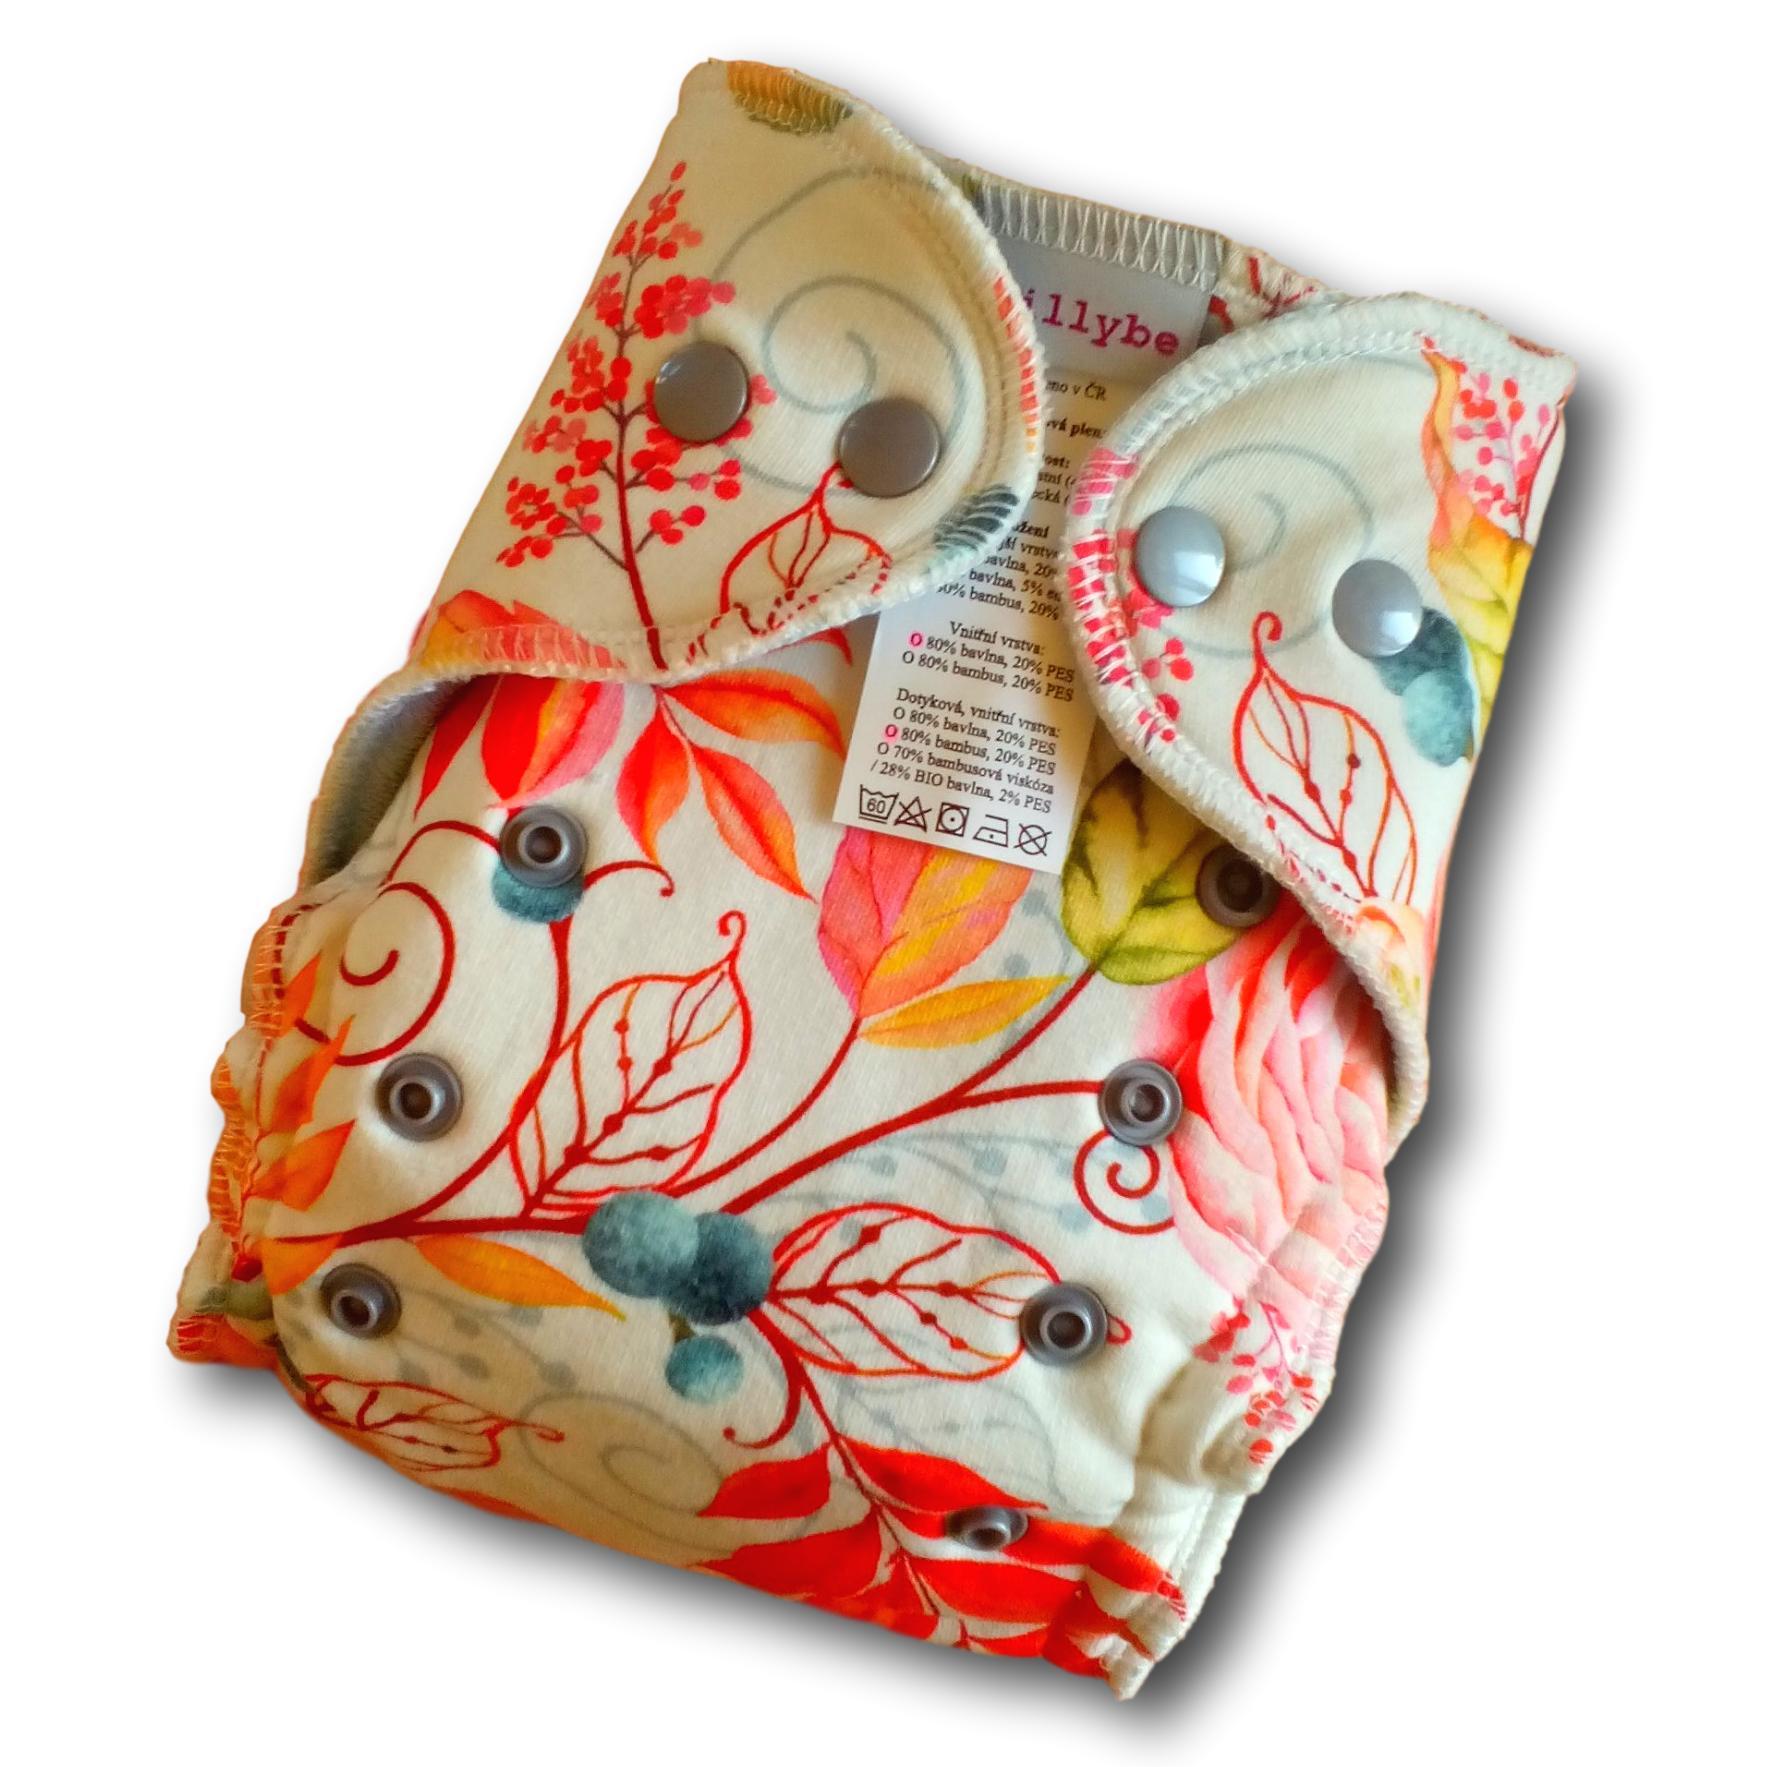 Kalhotová plena Lillybe na patentky - Podzimní ptáčci (Jednovelikostní kalhotová plena NOVÁ - obsahuje dlouhou vkládací plenu)